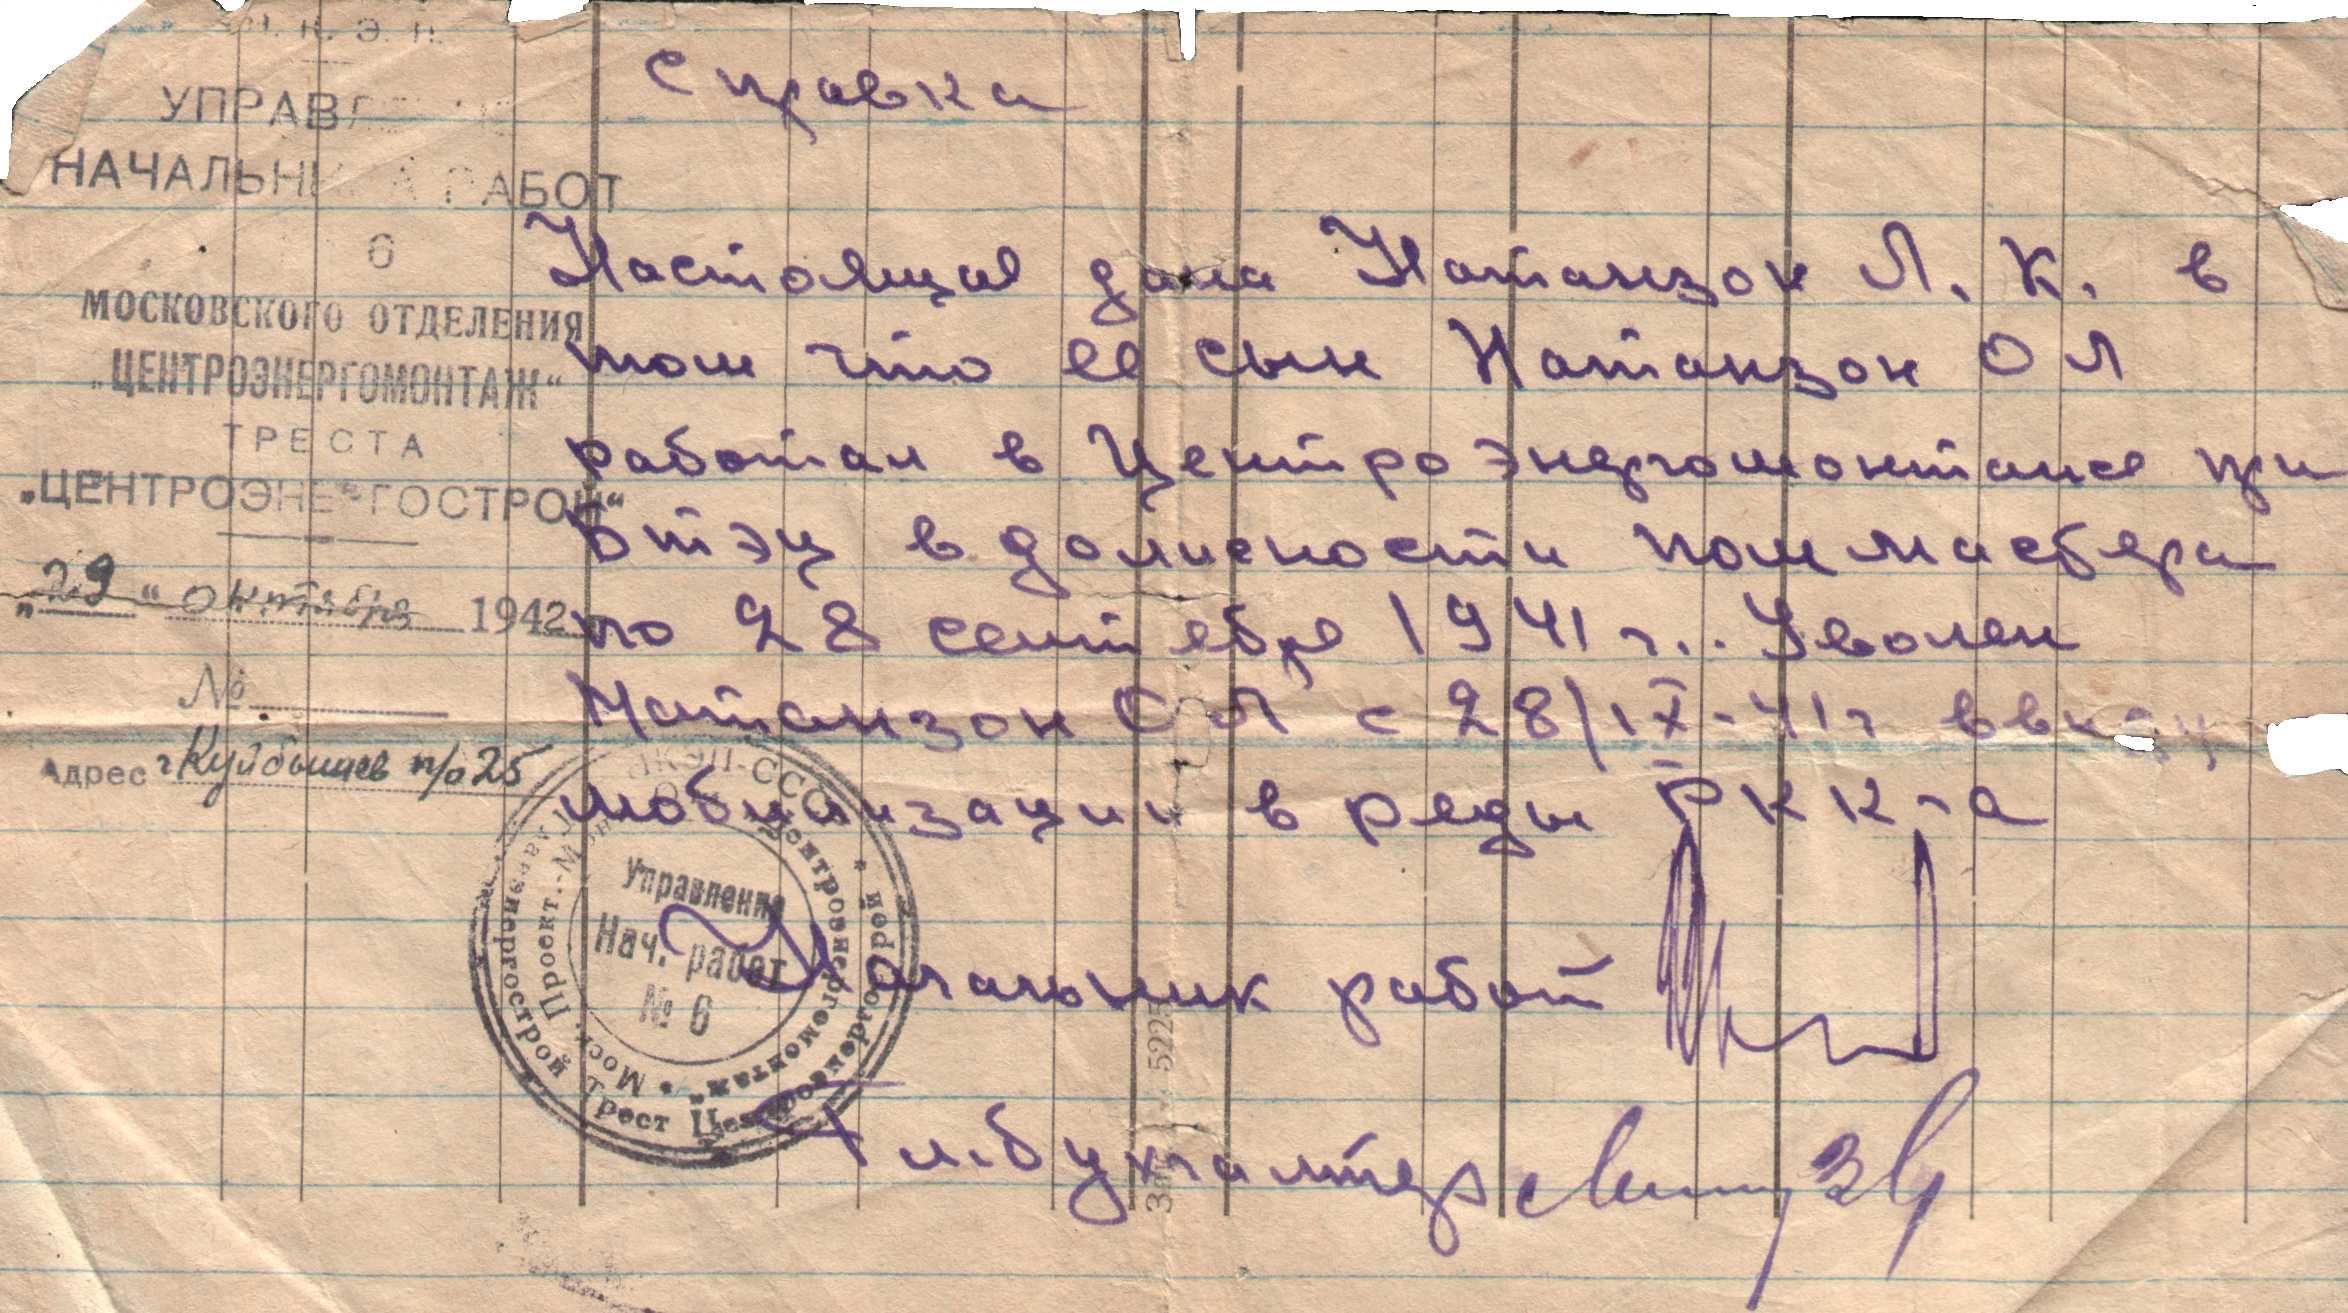 06 Справка о мобилизации О.Л. Натанзона в ряды Красной Армии. 1942 г.